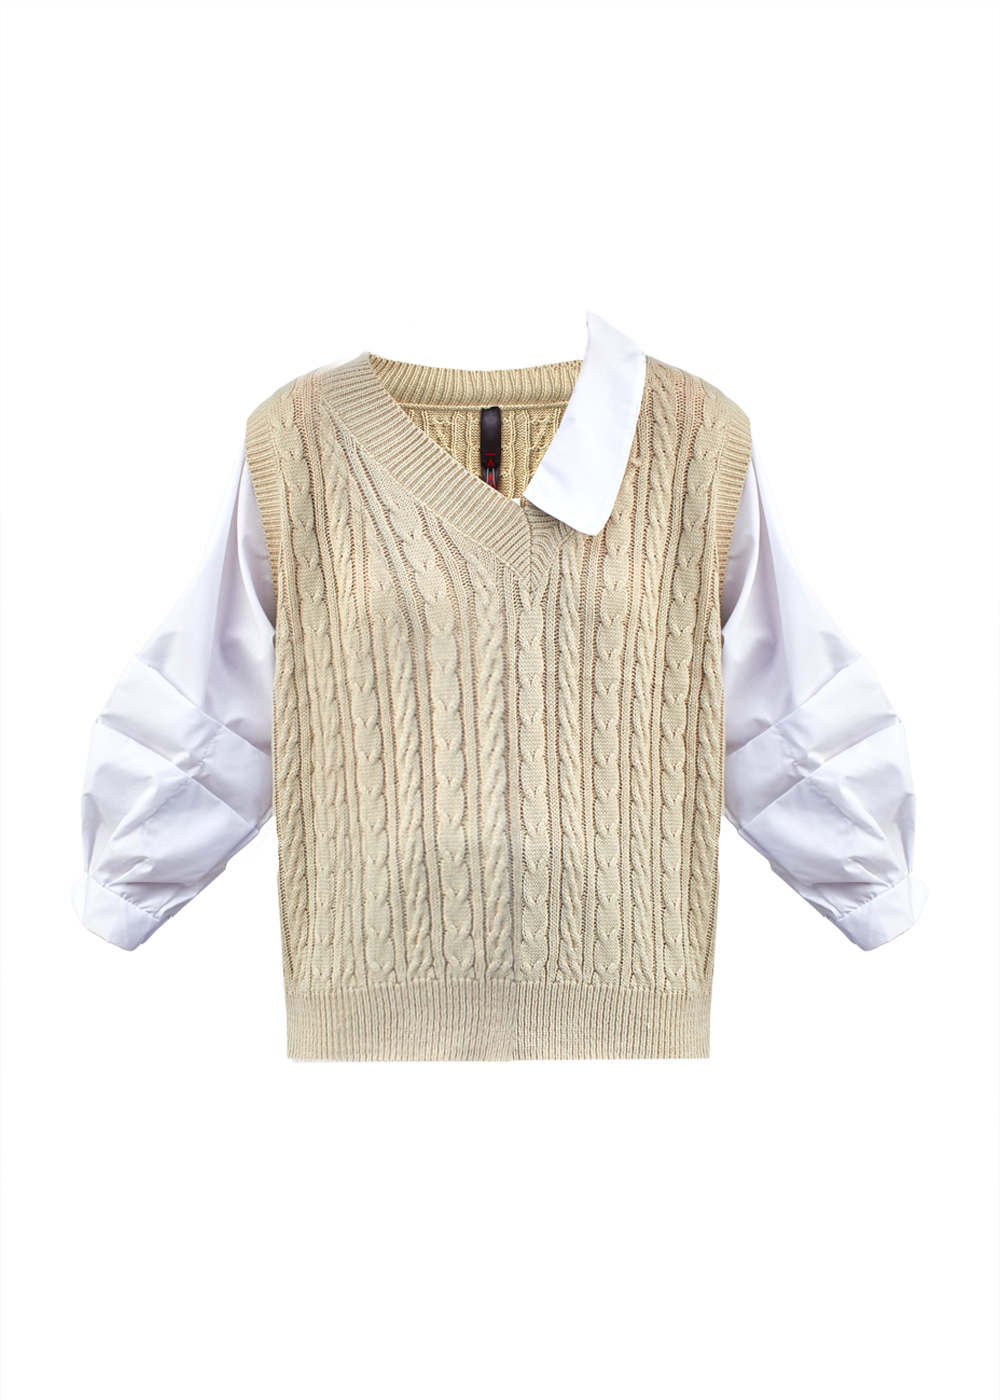 7/29 свитер